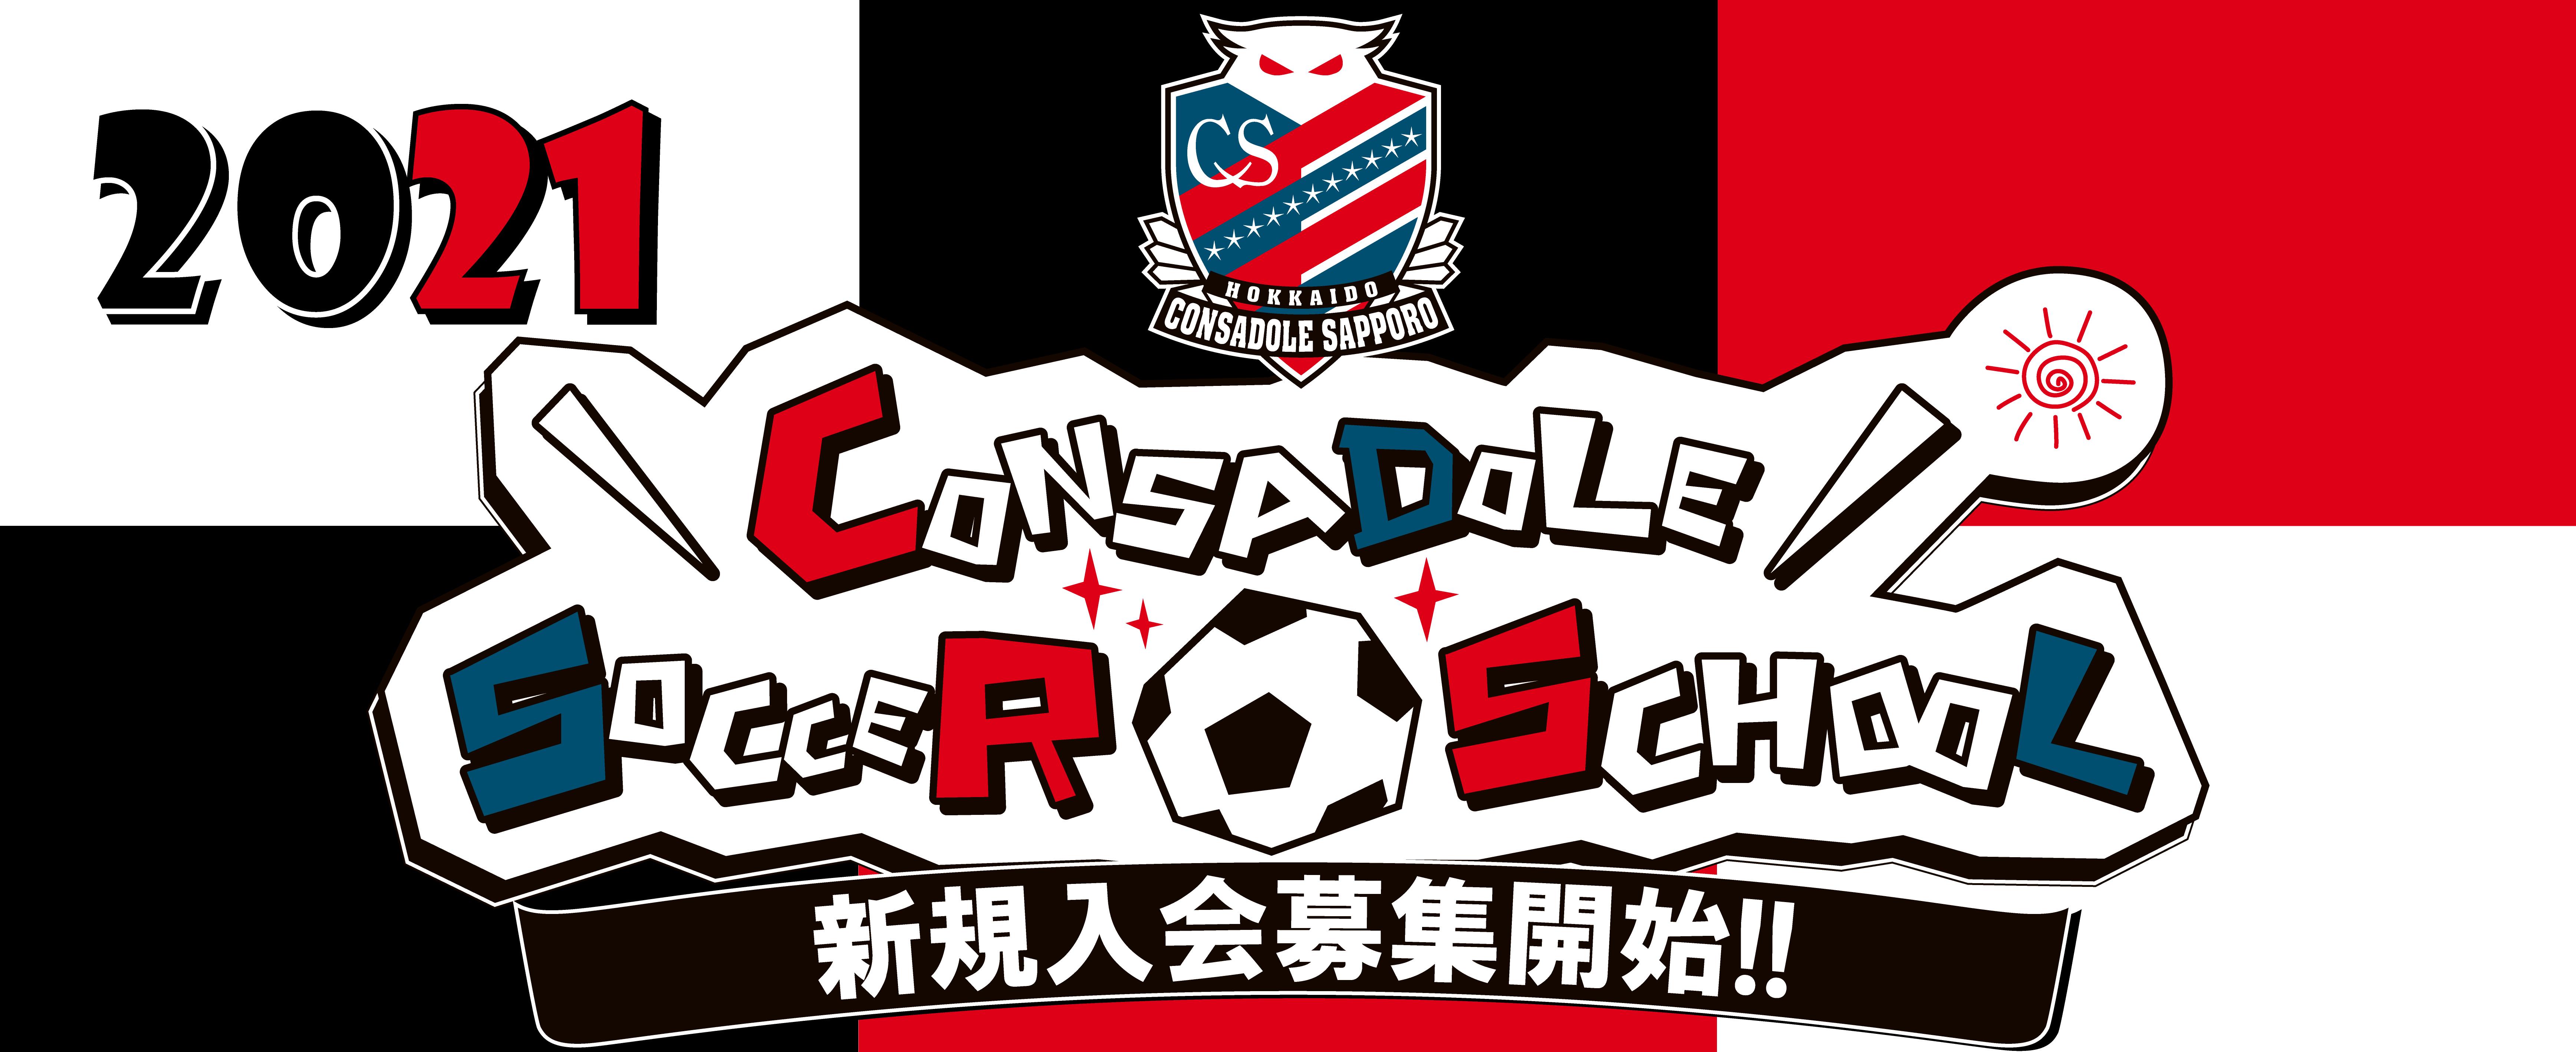 [コンサドーレサッカースクール]新規入会募集開始のお知らせ